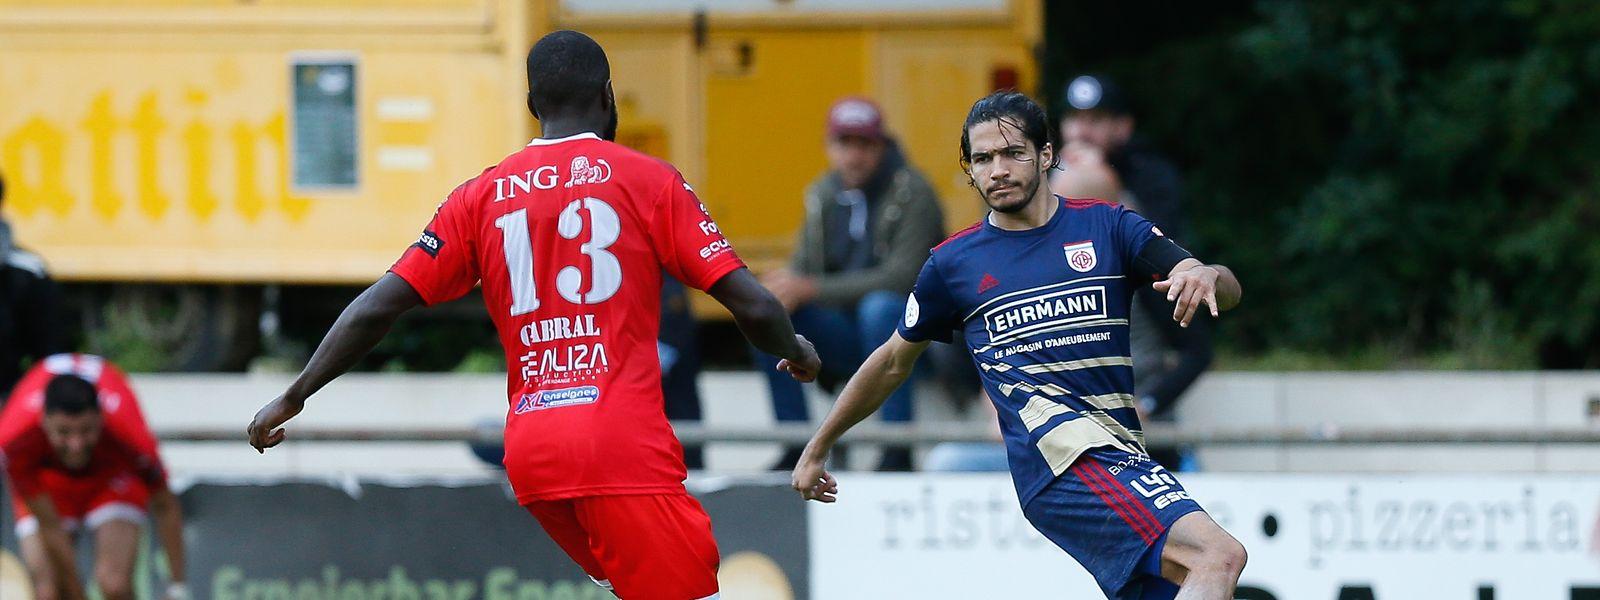 Pour la première fois de leur carrière Yvandro Borges (en rouge) et Diogo Pimentel (en bleu) rejoignent l'équipe nationale.